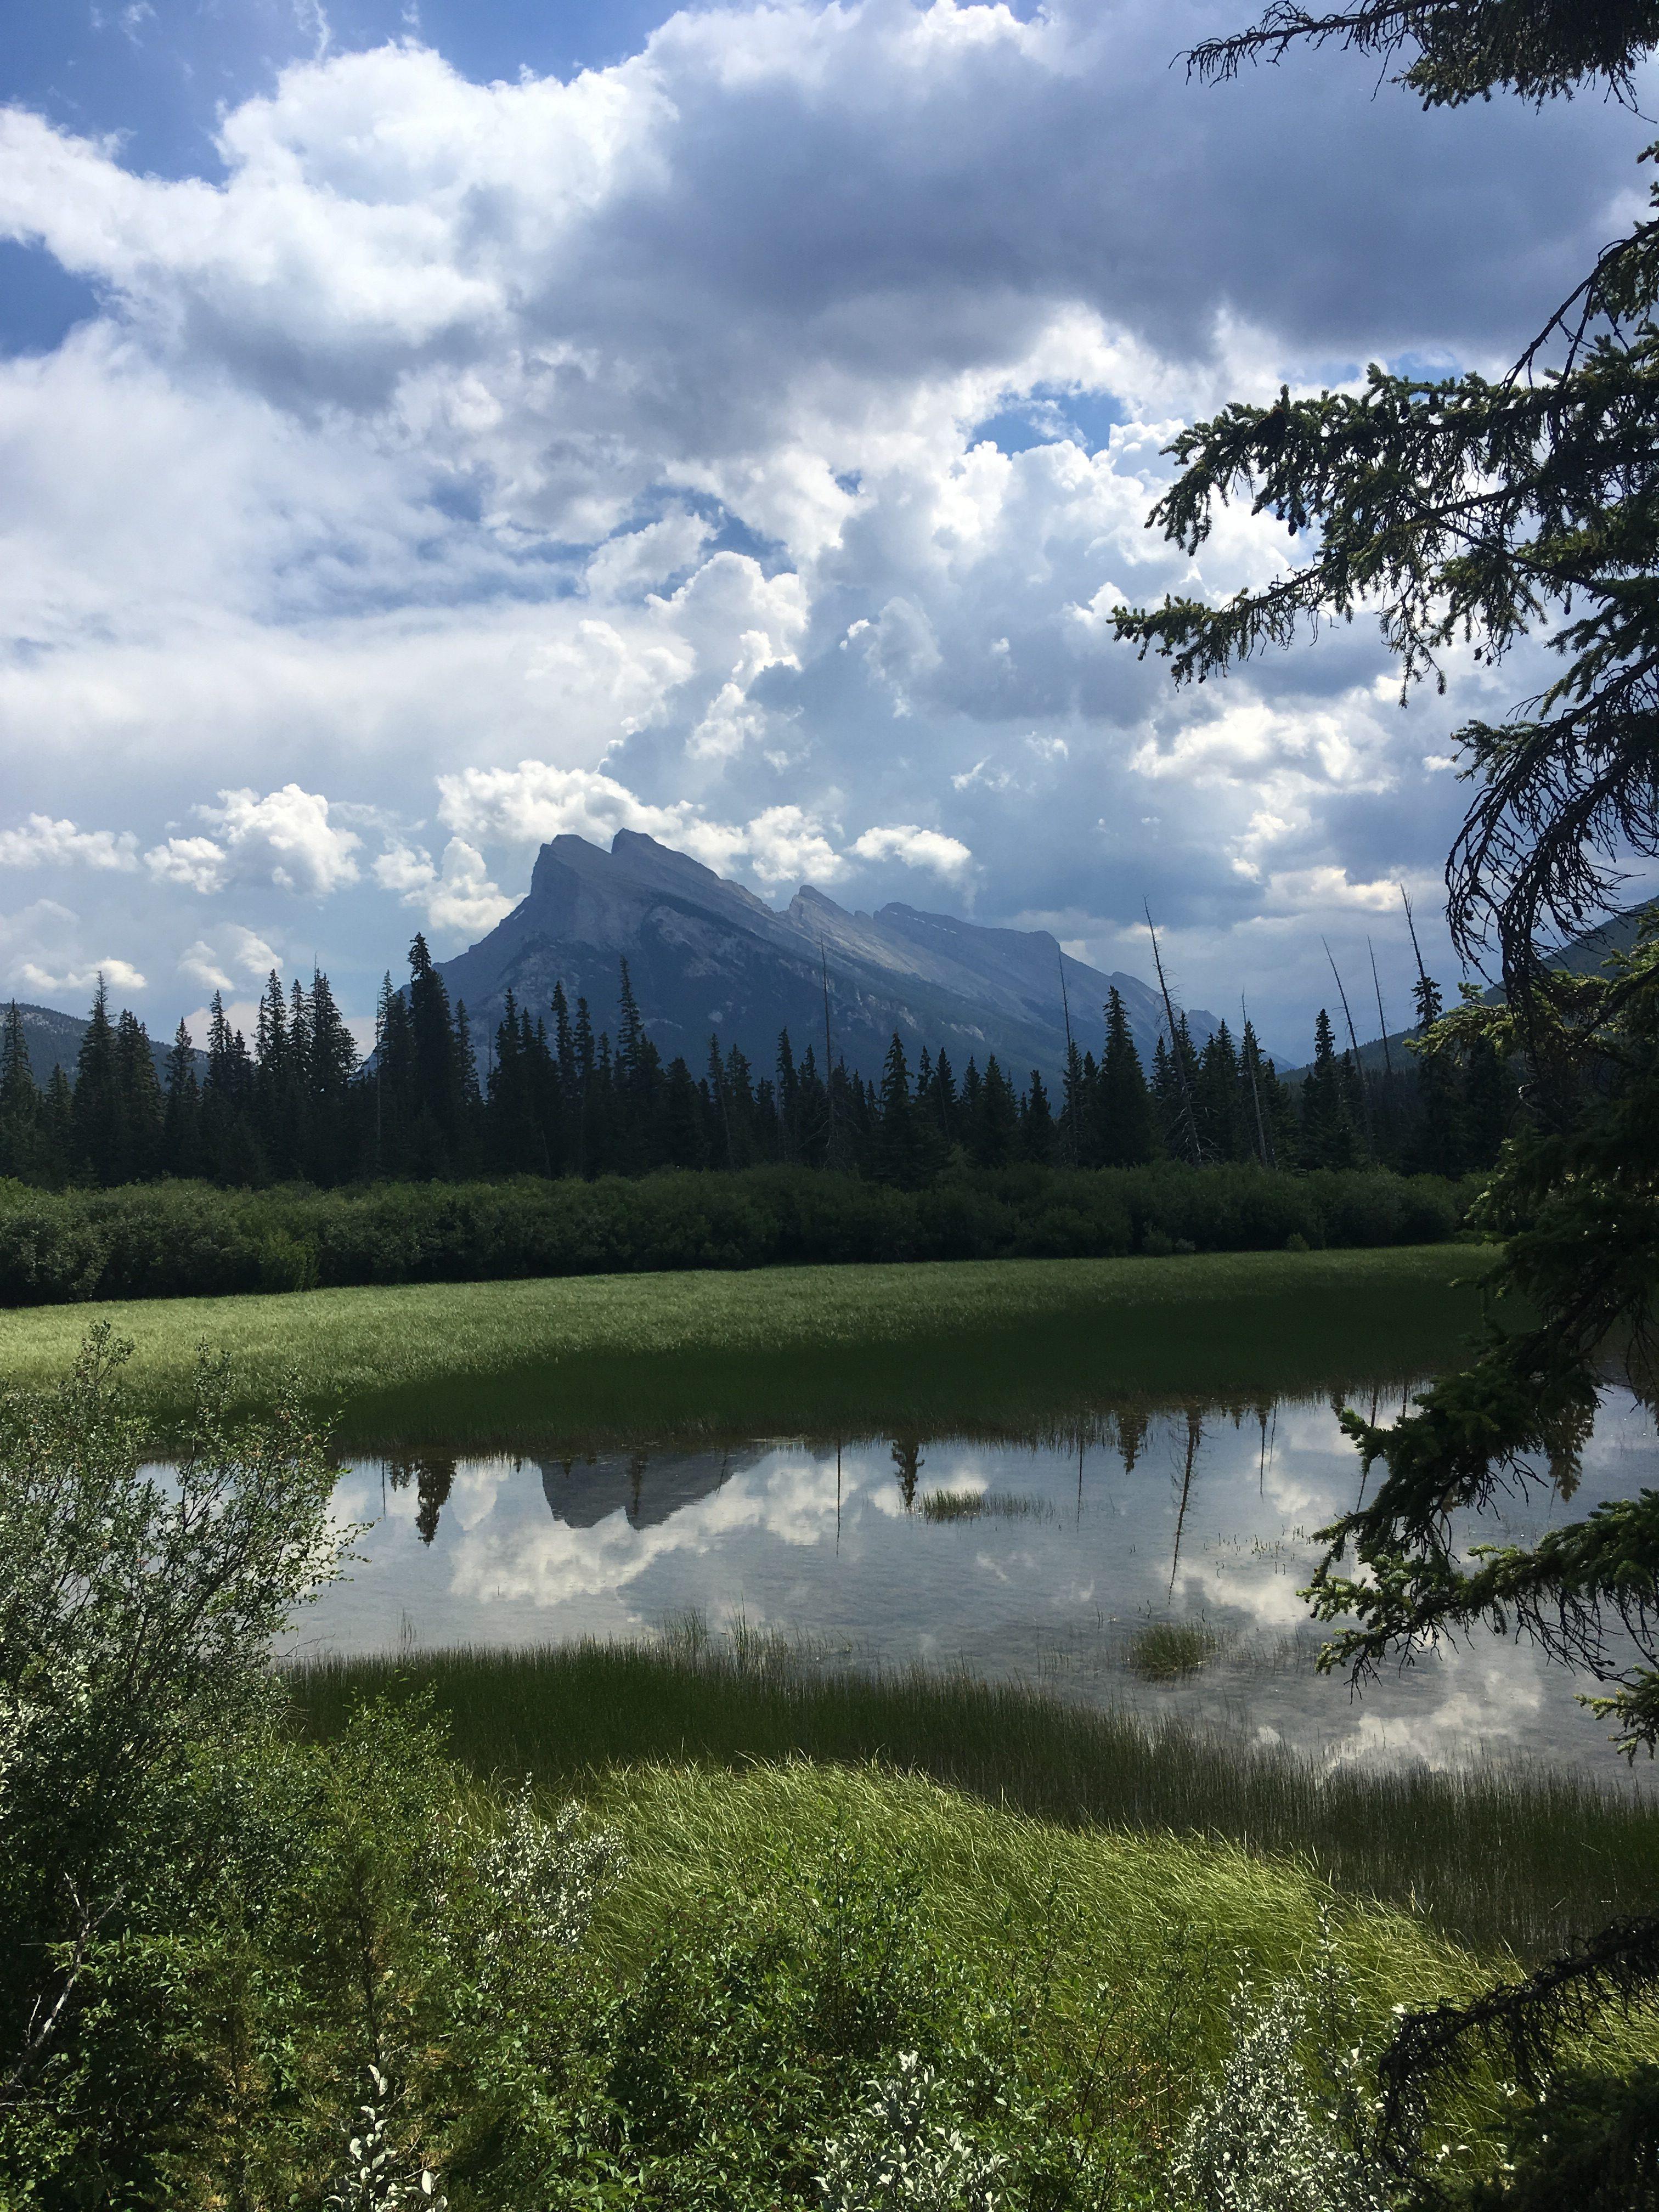 Eine Bergspitze Alaskas spiegelt sich in einer Lagune, die von hohem Gras und grünen Bäumen umgeben ist.